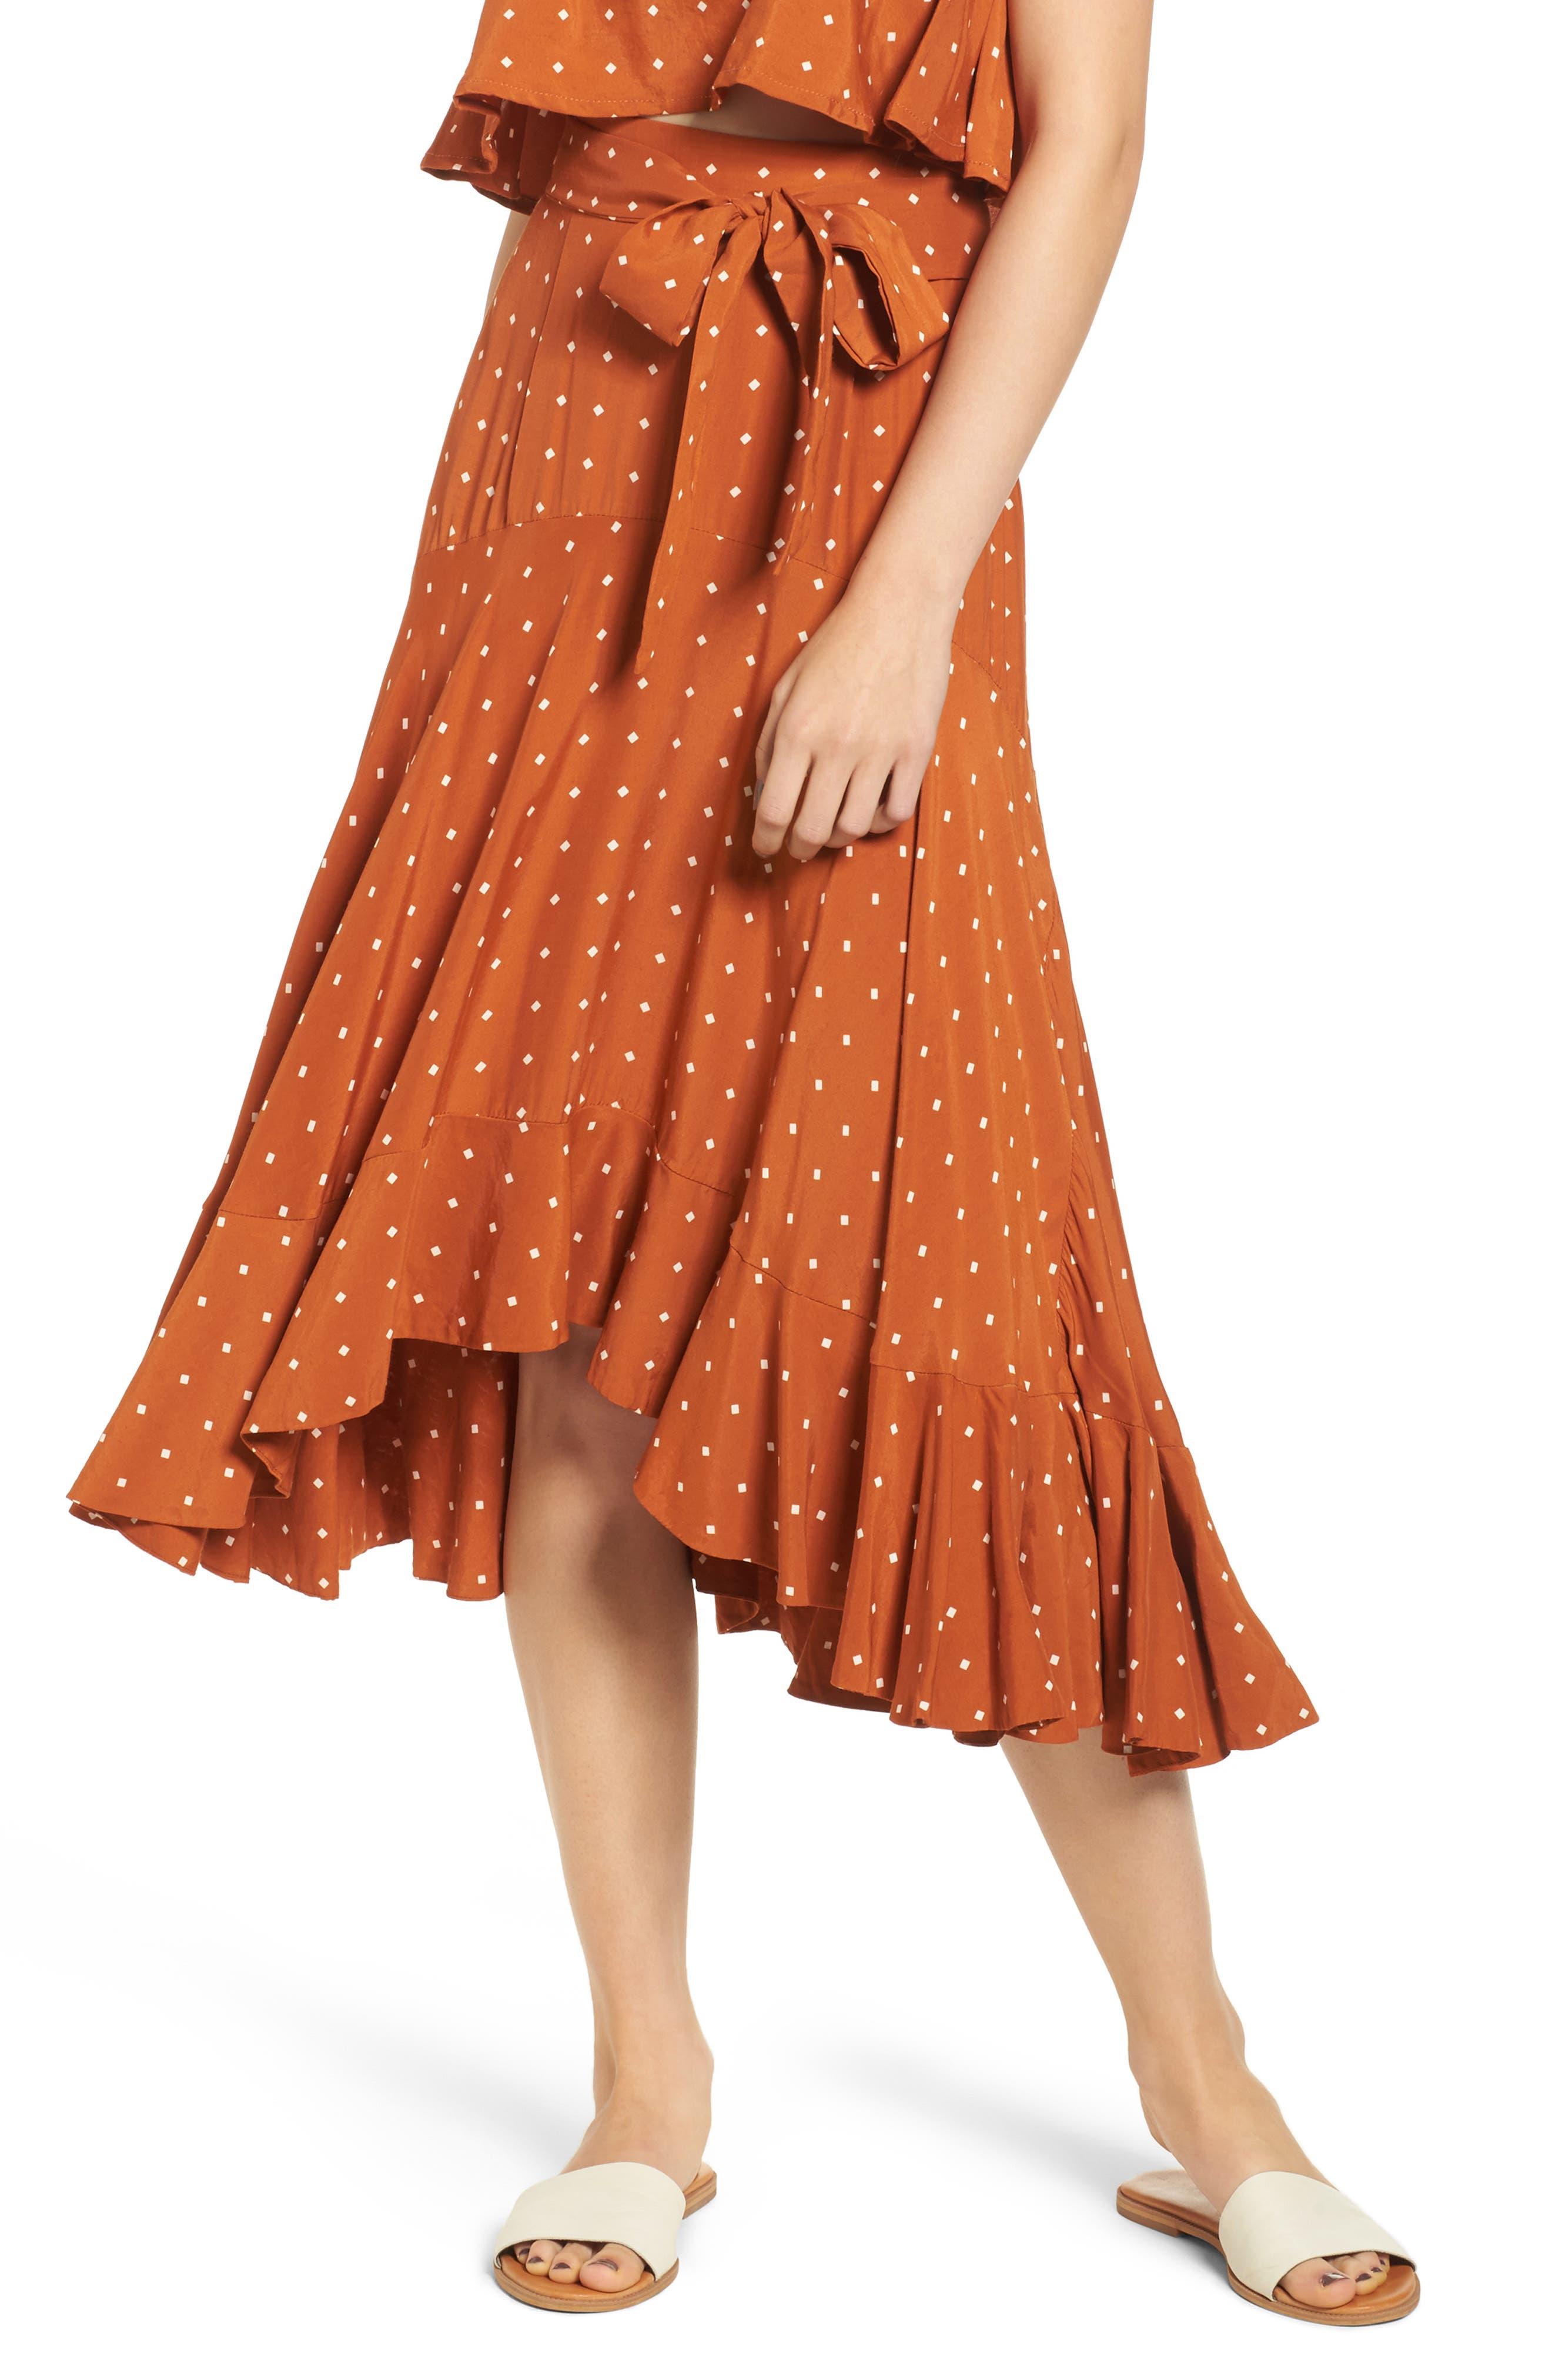 Alternate Image 1 Selected - FAITHFULL THE BRAND Kamares Polka Dot Midi Skirt